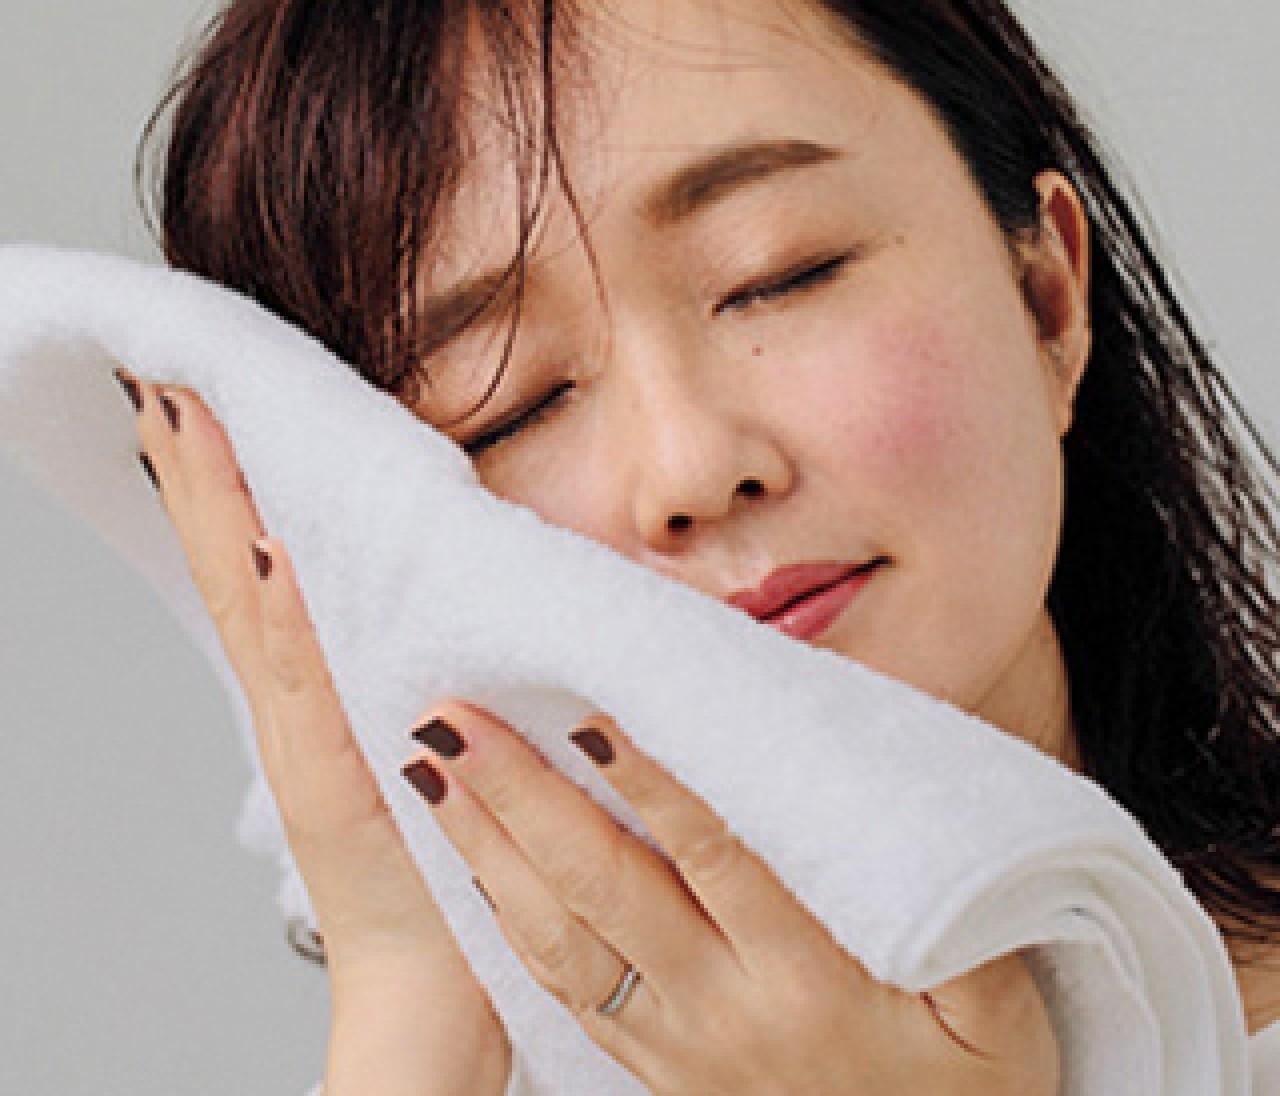 敏感肌さんが洗顔する際のテク、美容のプロが教えます!